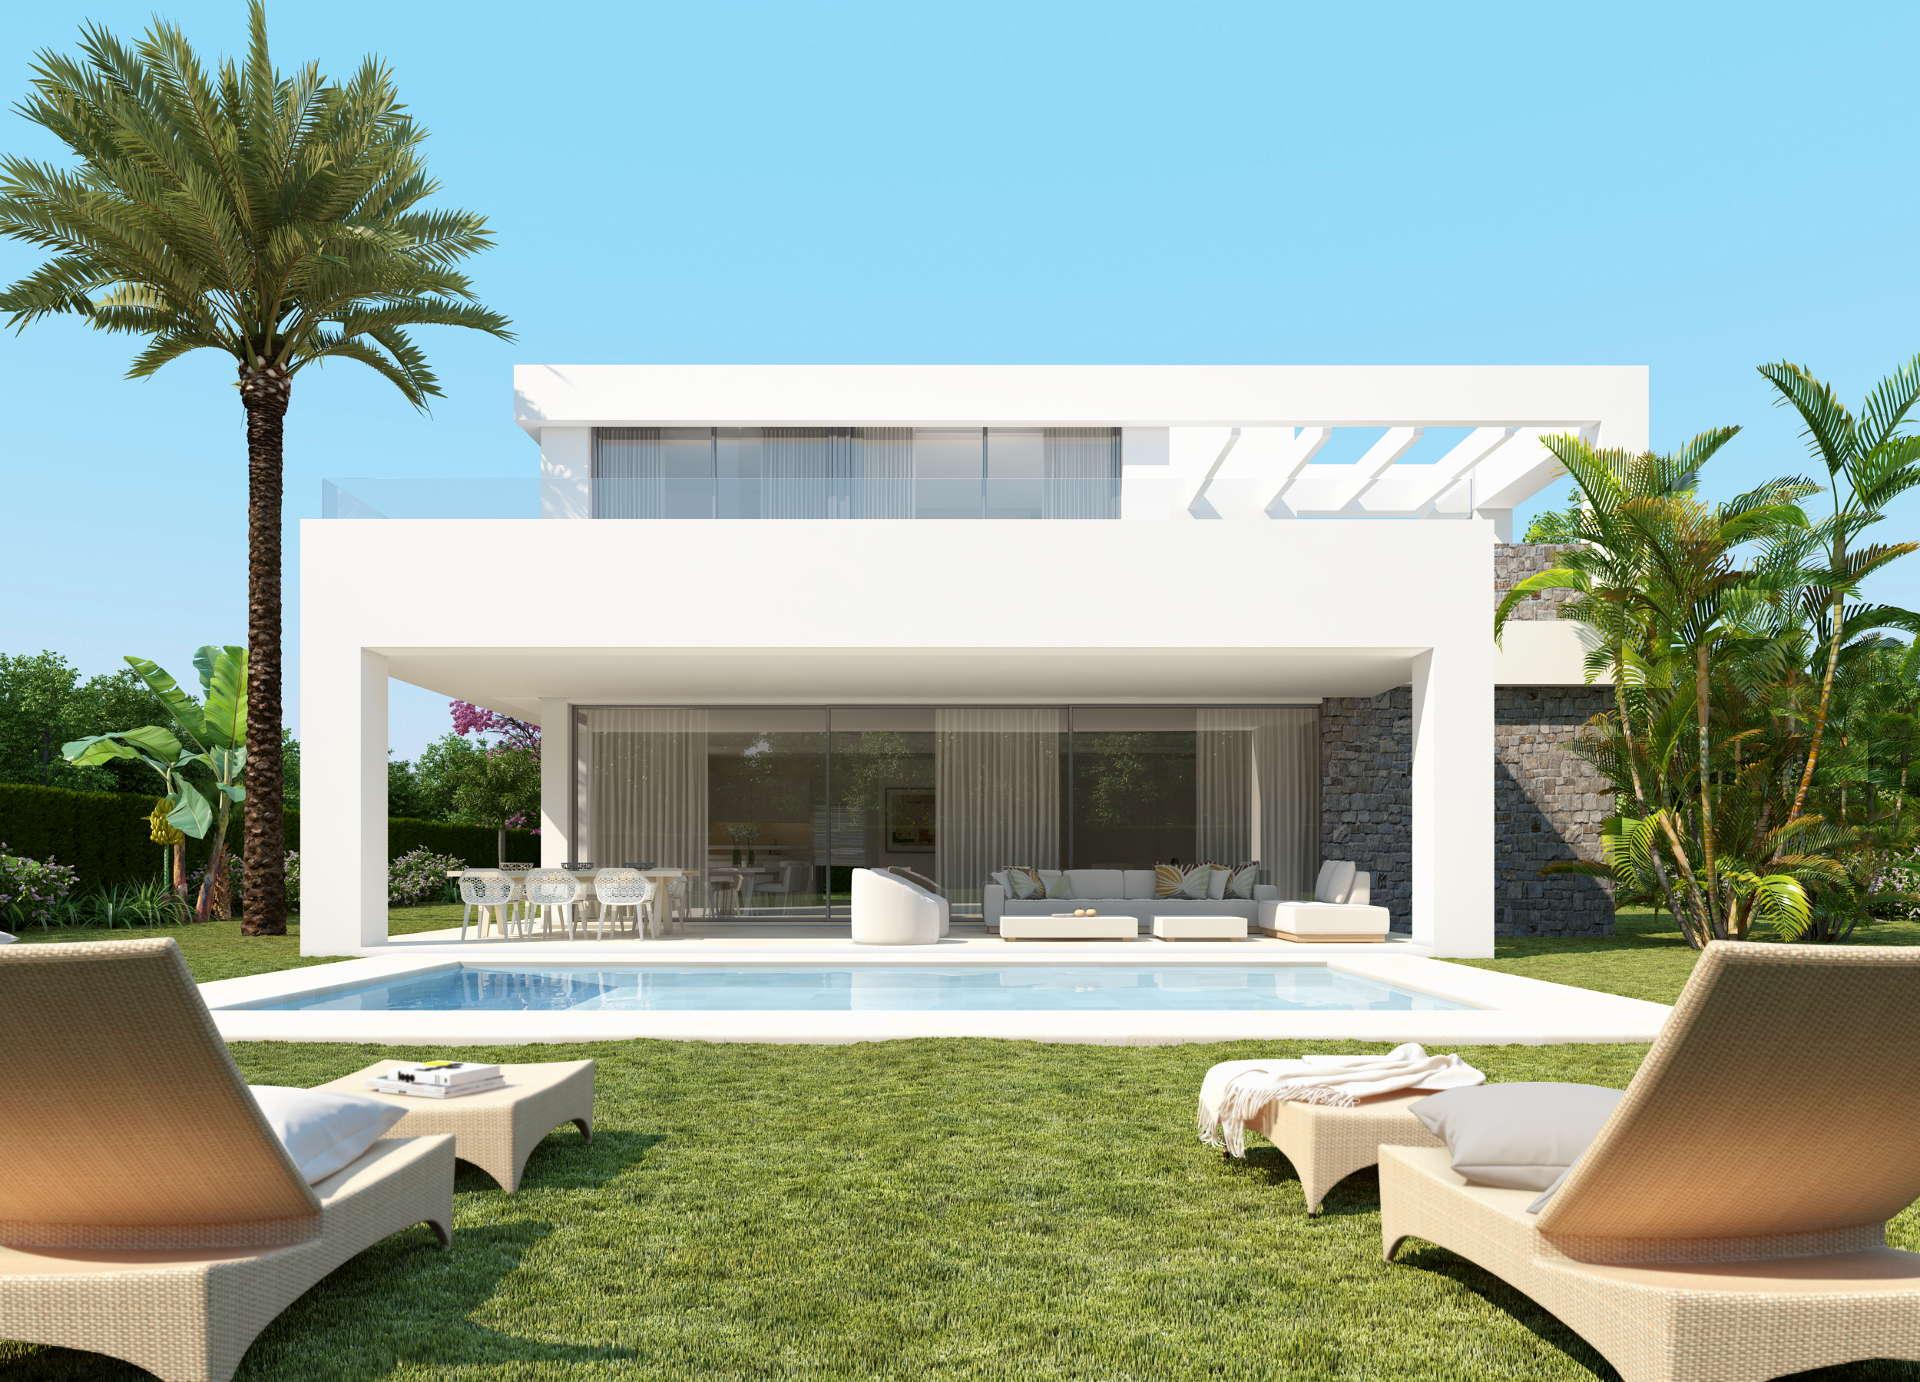 For sale 4 bedroom villa in La Finca de Marbella Rio Real